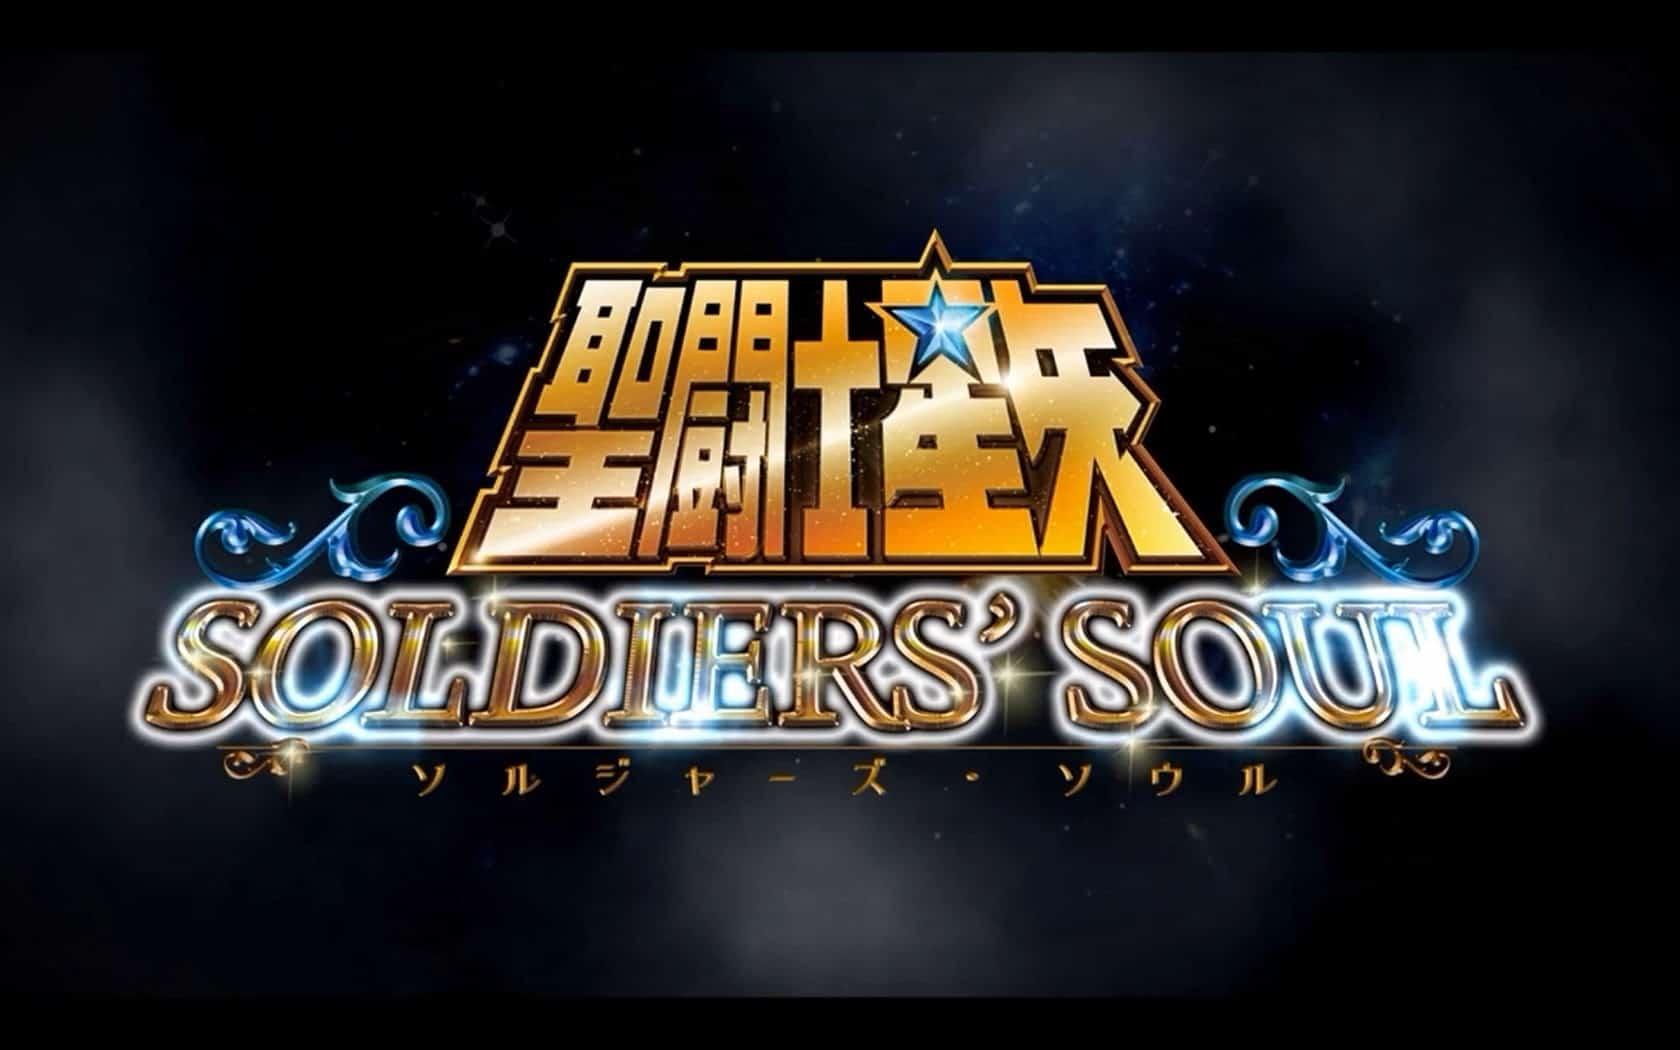 [TOURNOI] Règlement du tournoi Saint Seiya : Soldiers' Soul